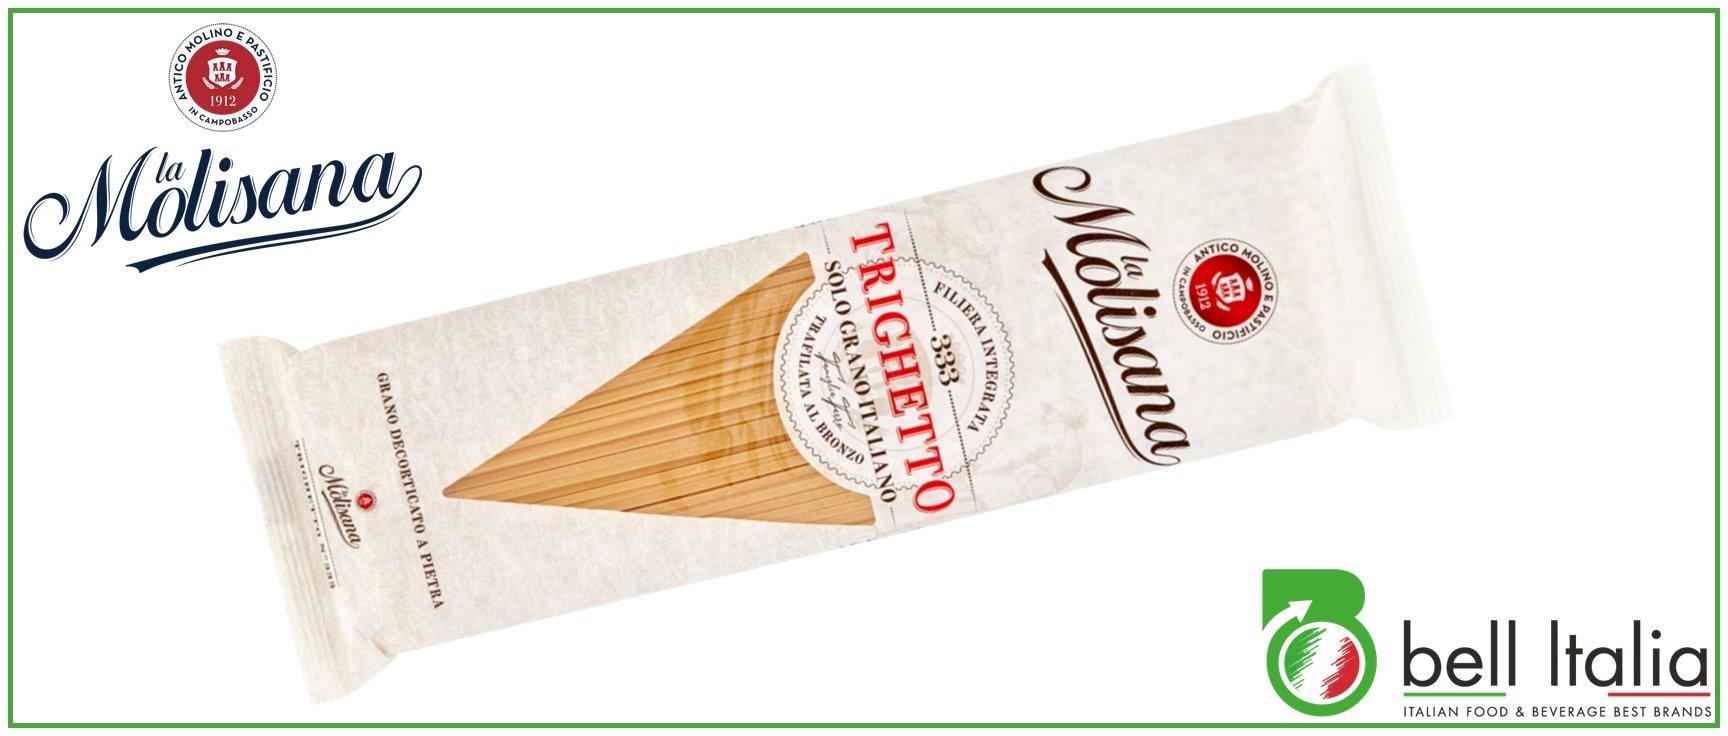 5 trafile di pasta italiana per stupire i clienti - Bell Italia srl